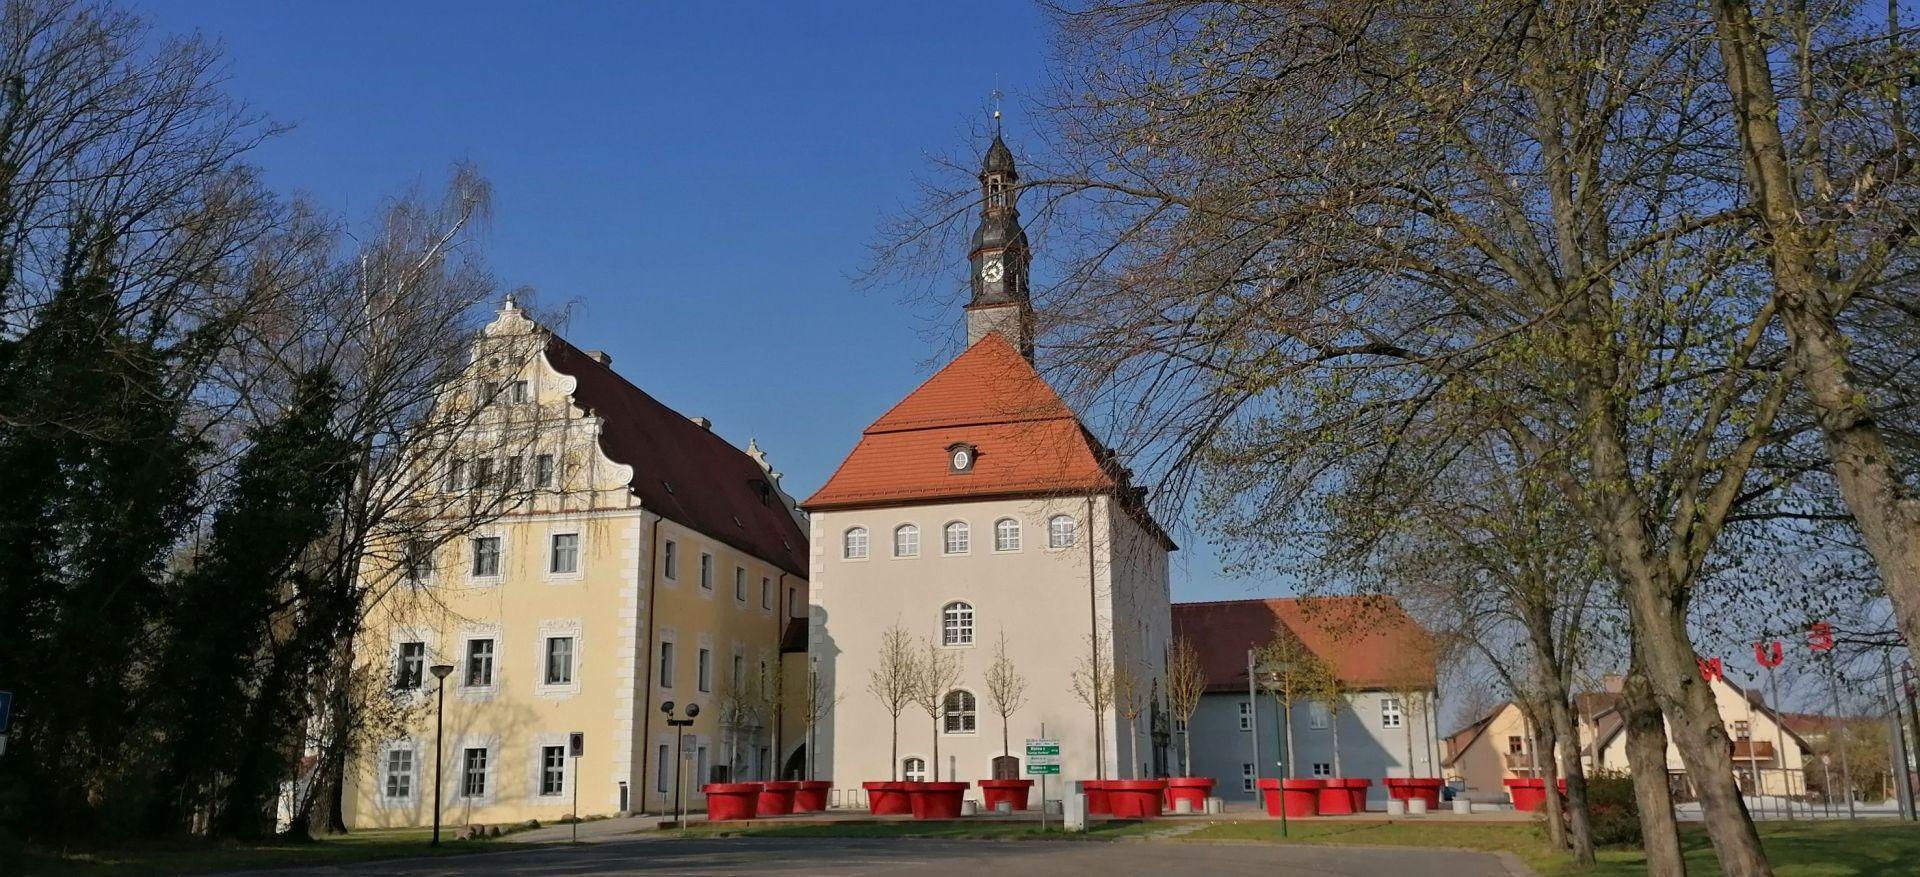 2021-05_Siehdichum_Schloss-Ostgiebel